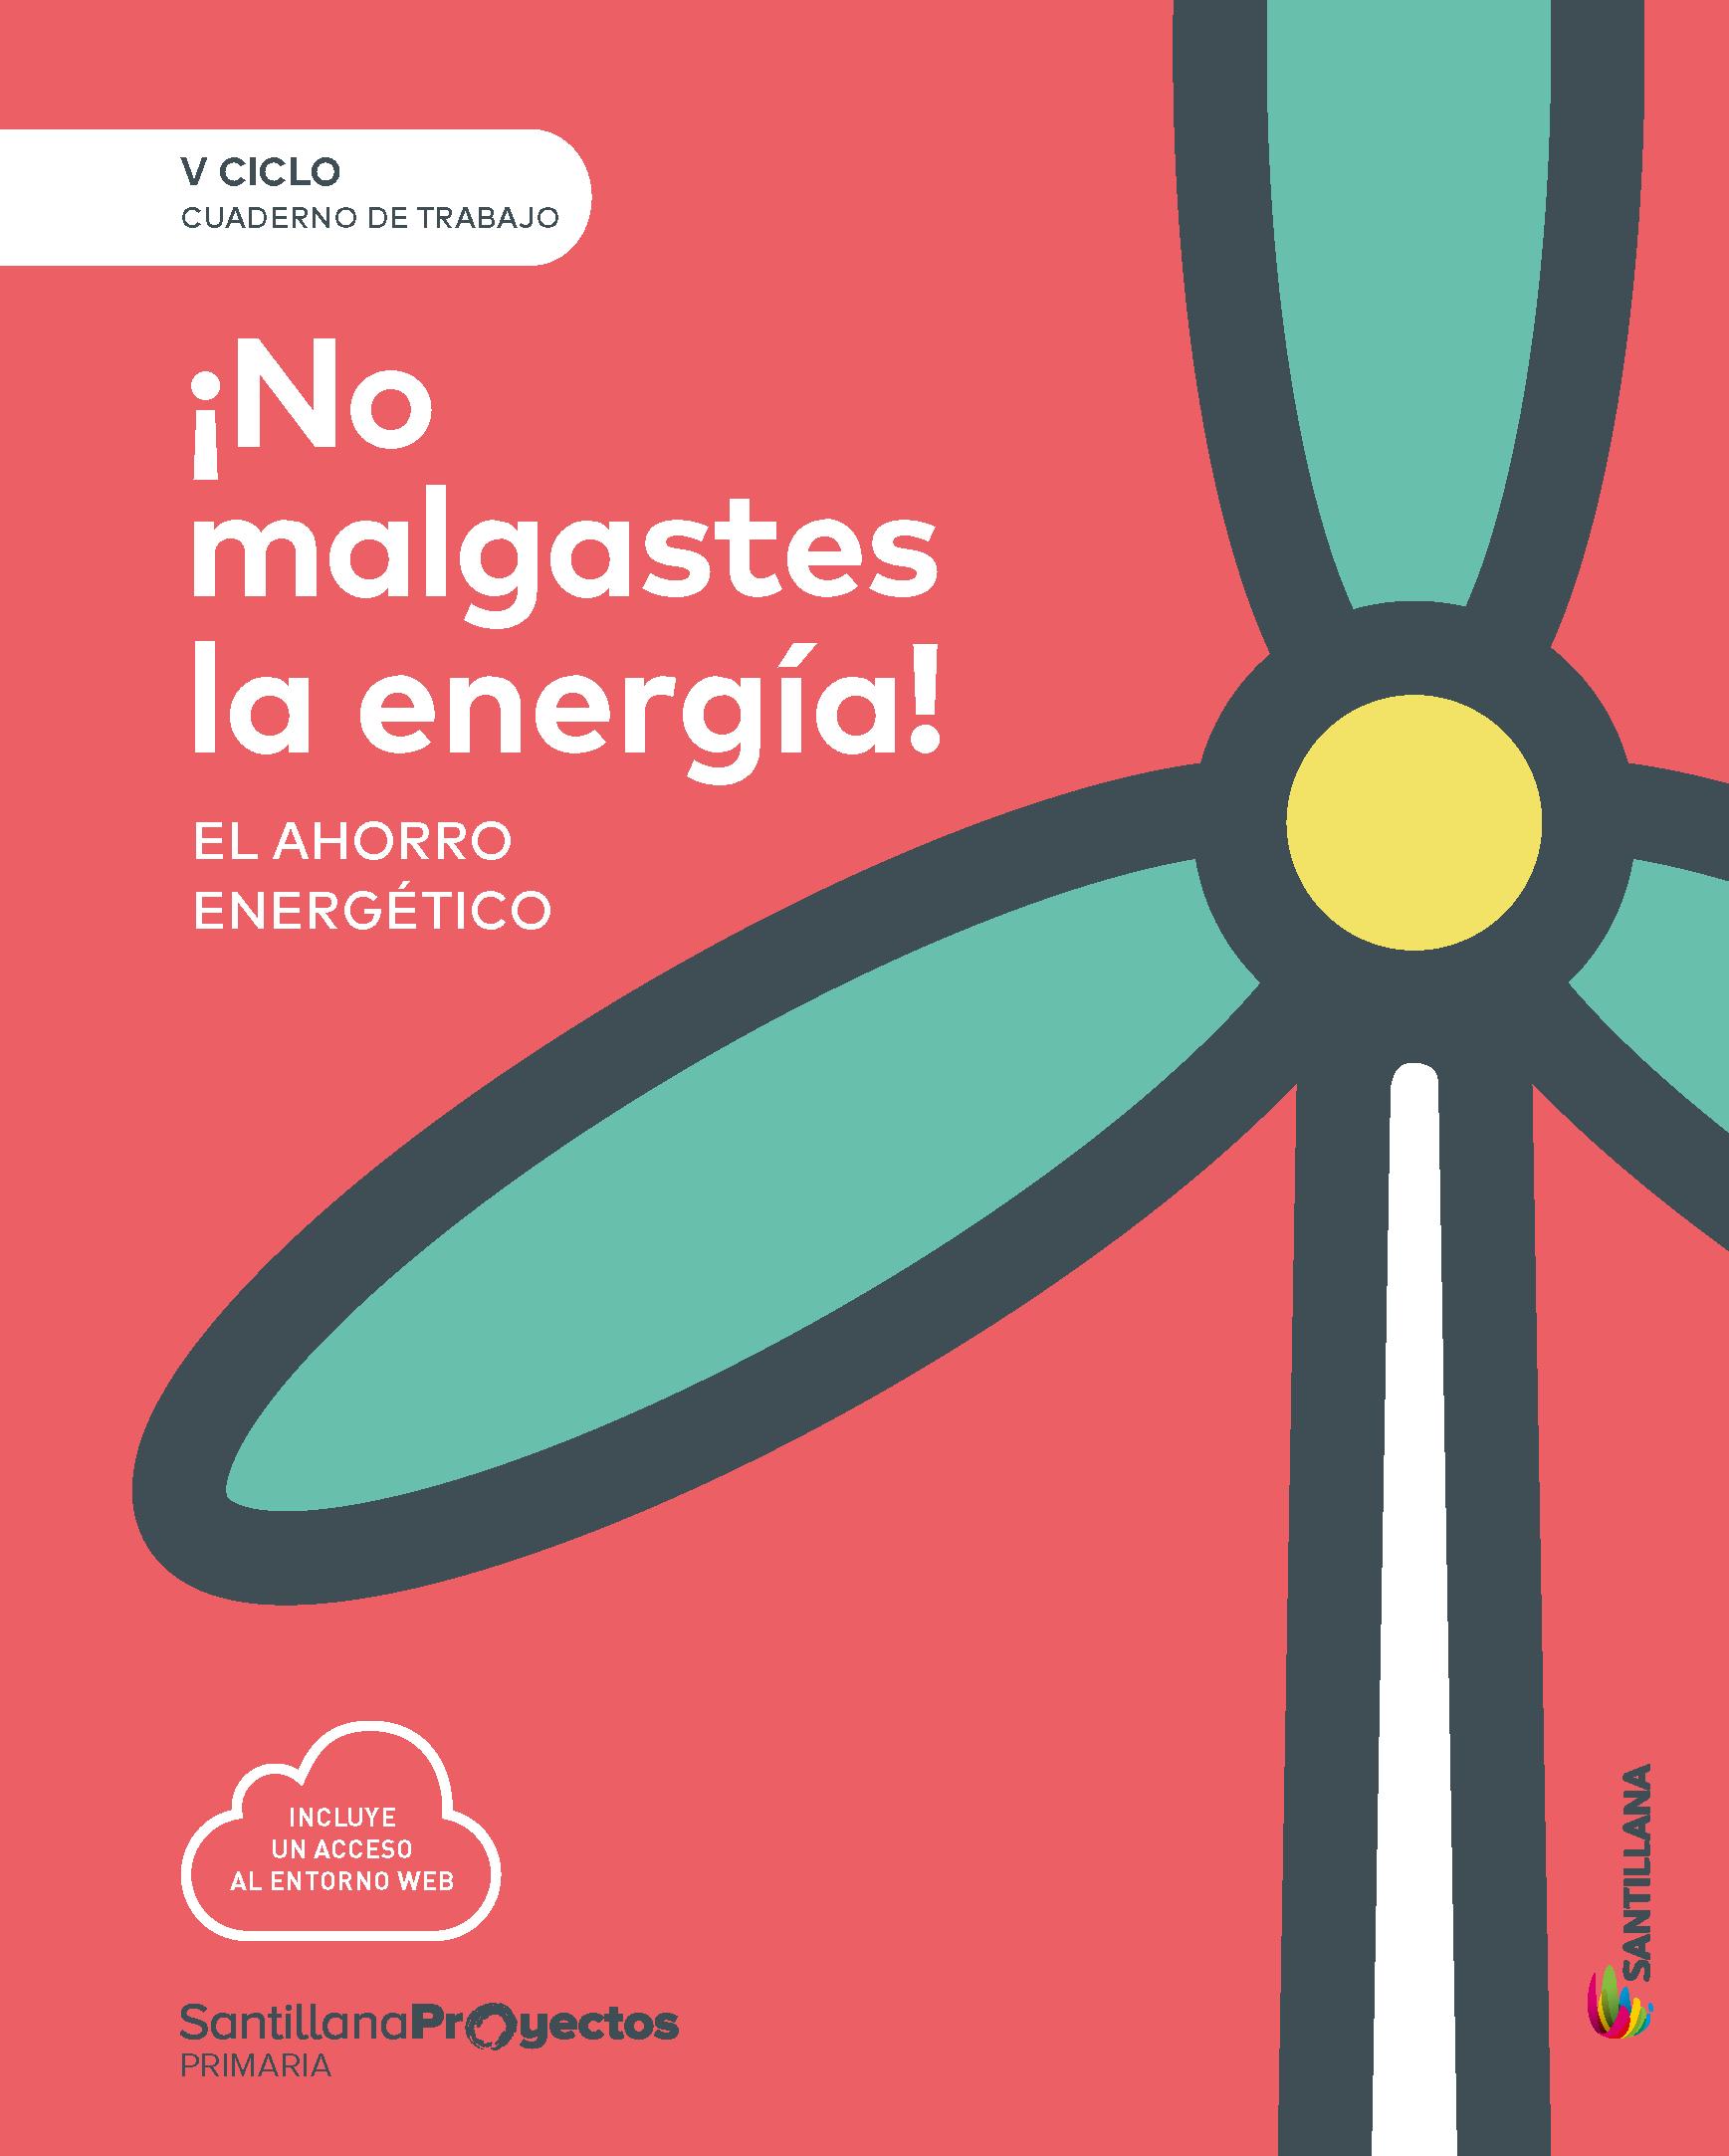 El ahorro energético